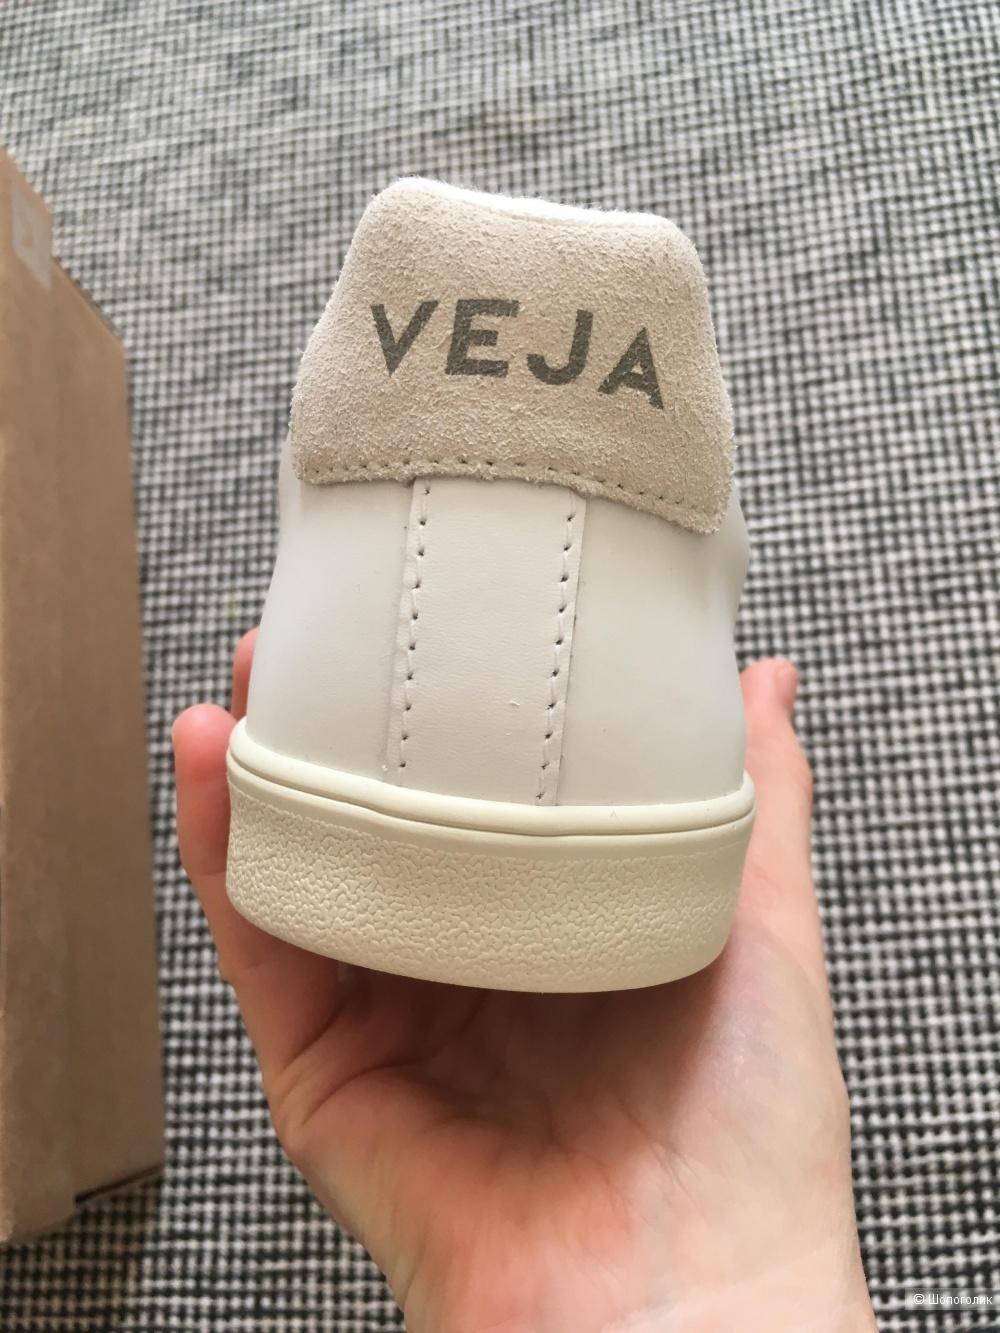 Кеды Veja EU40